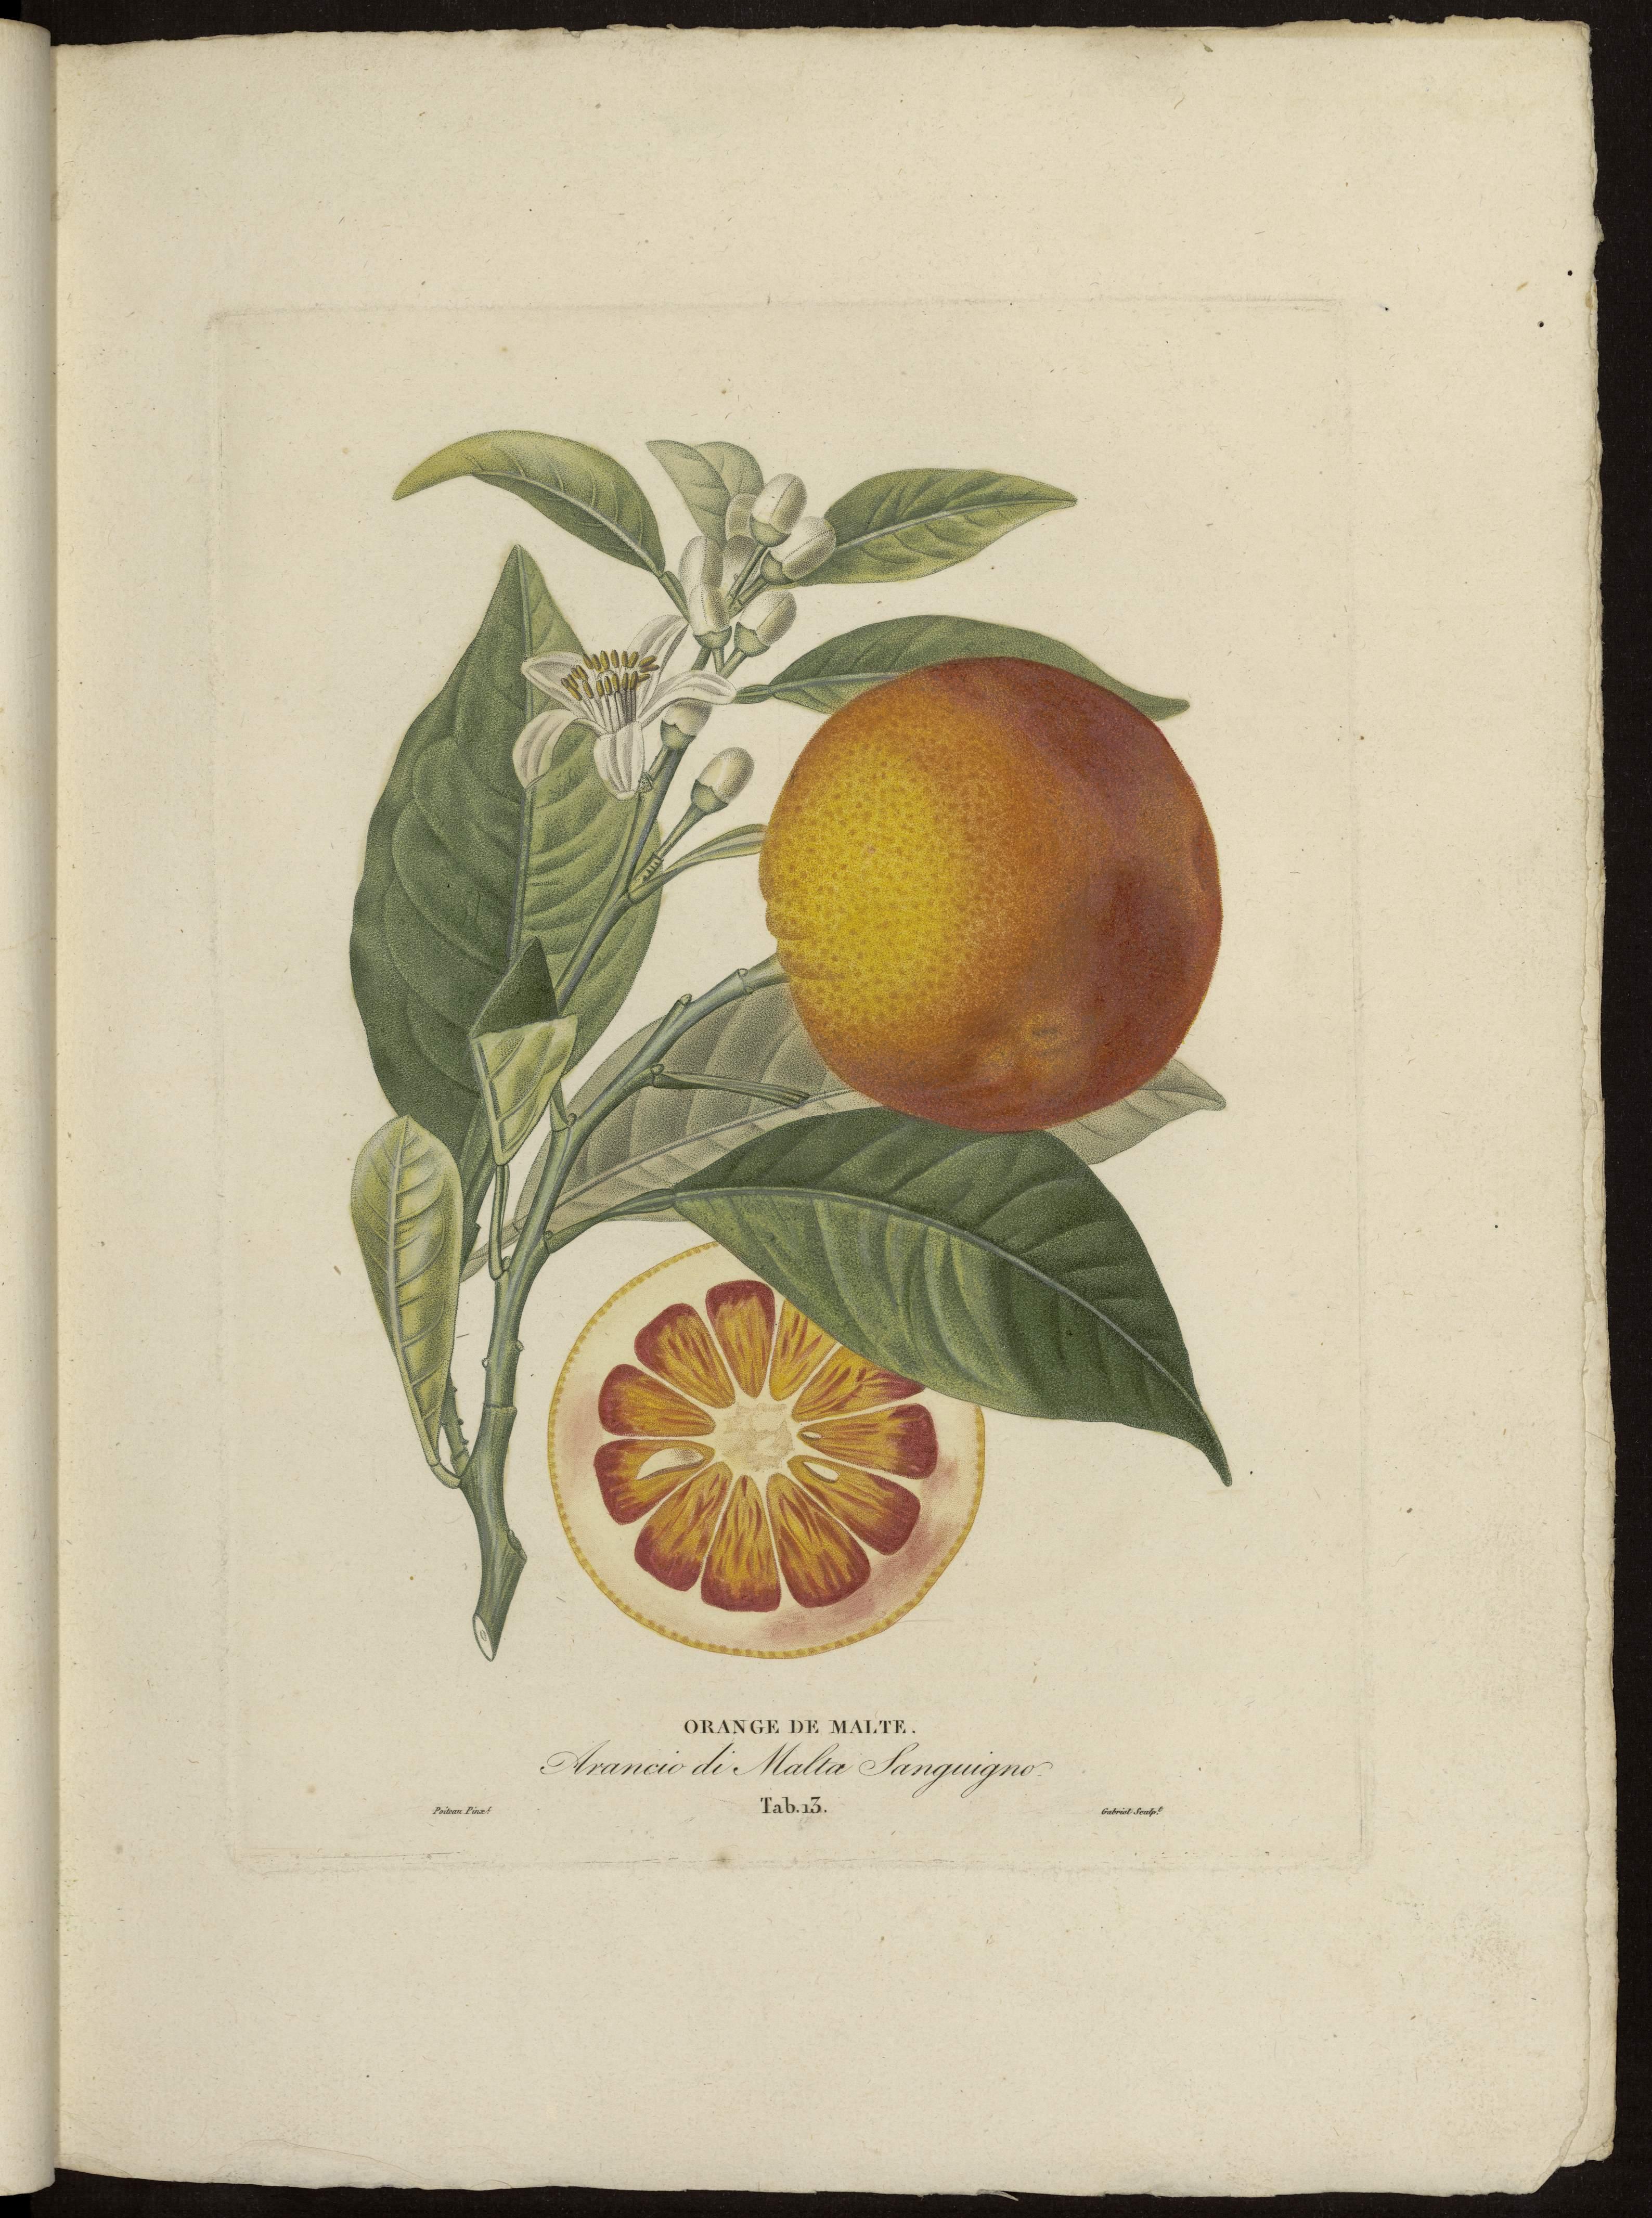 Orange de Malte